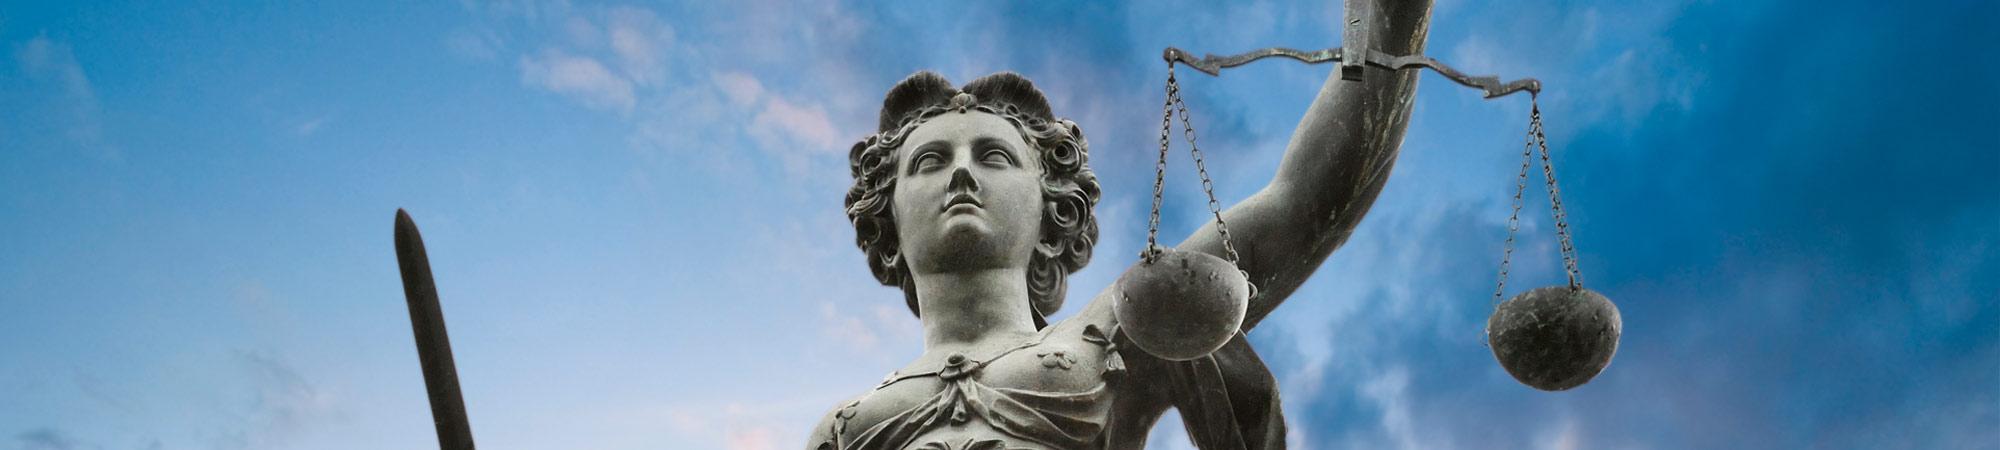 bufetes-de-abogados-madrid-balanza-justicia